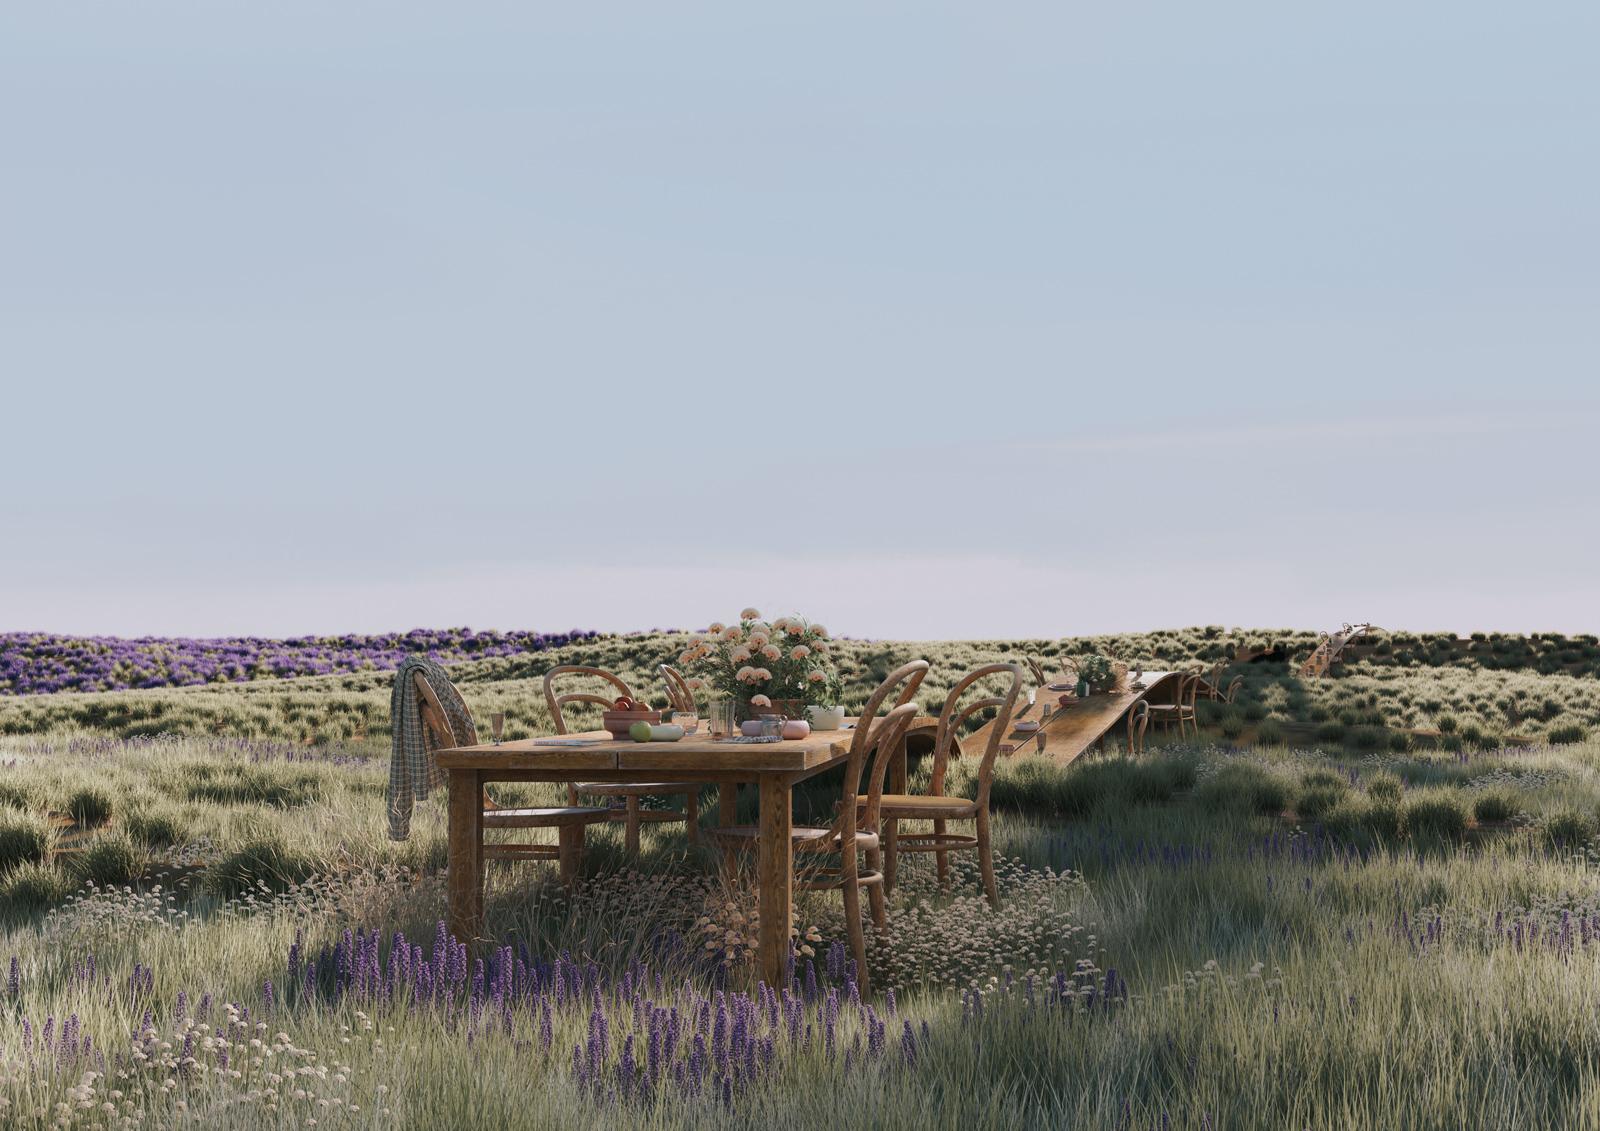 Reisinger Studio Electric Nature —2020